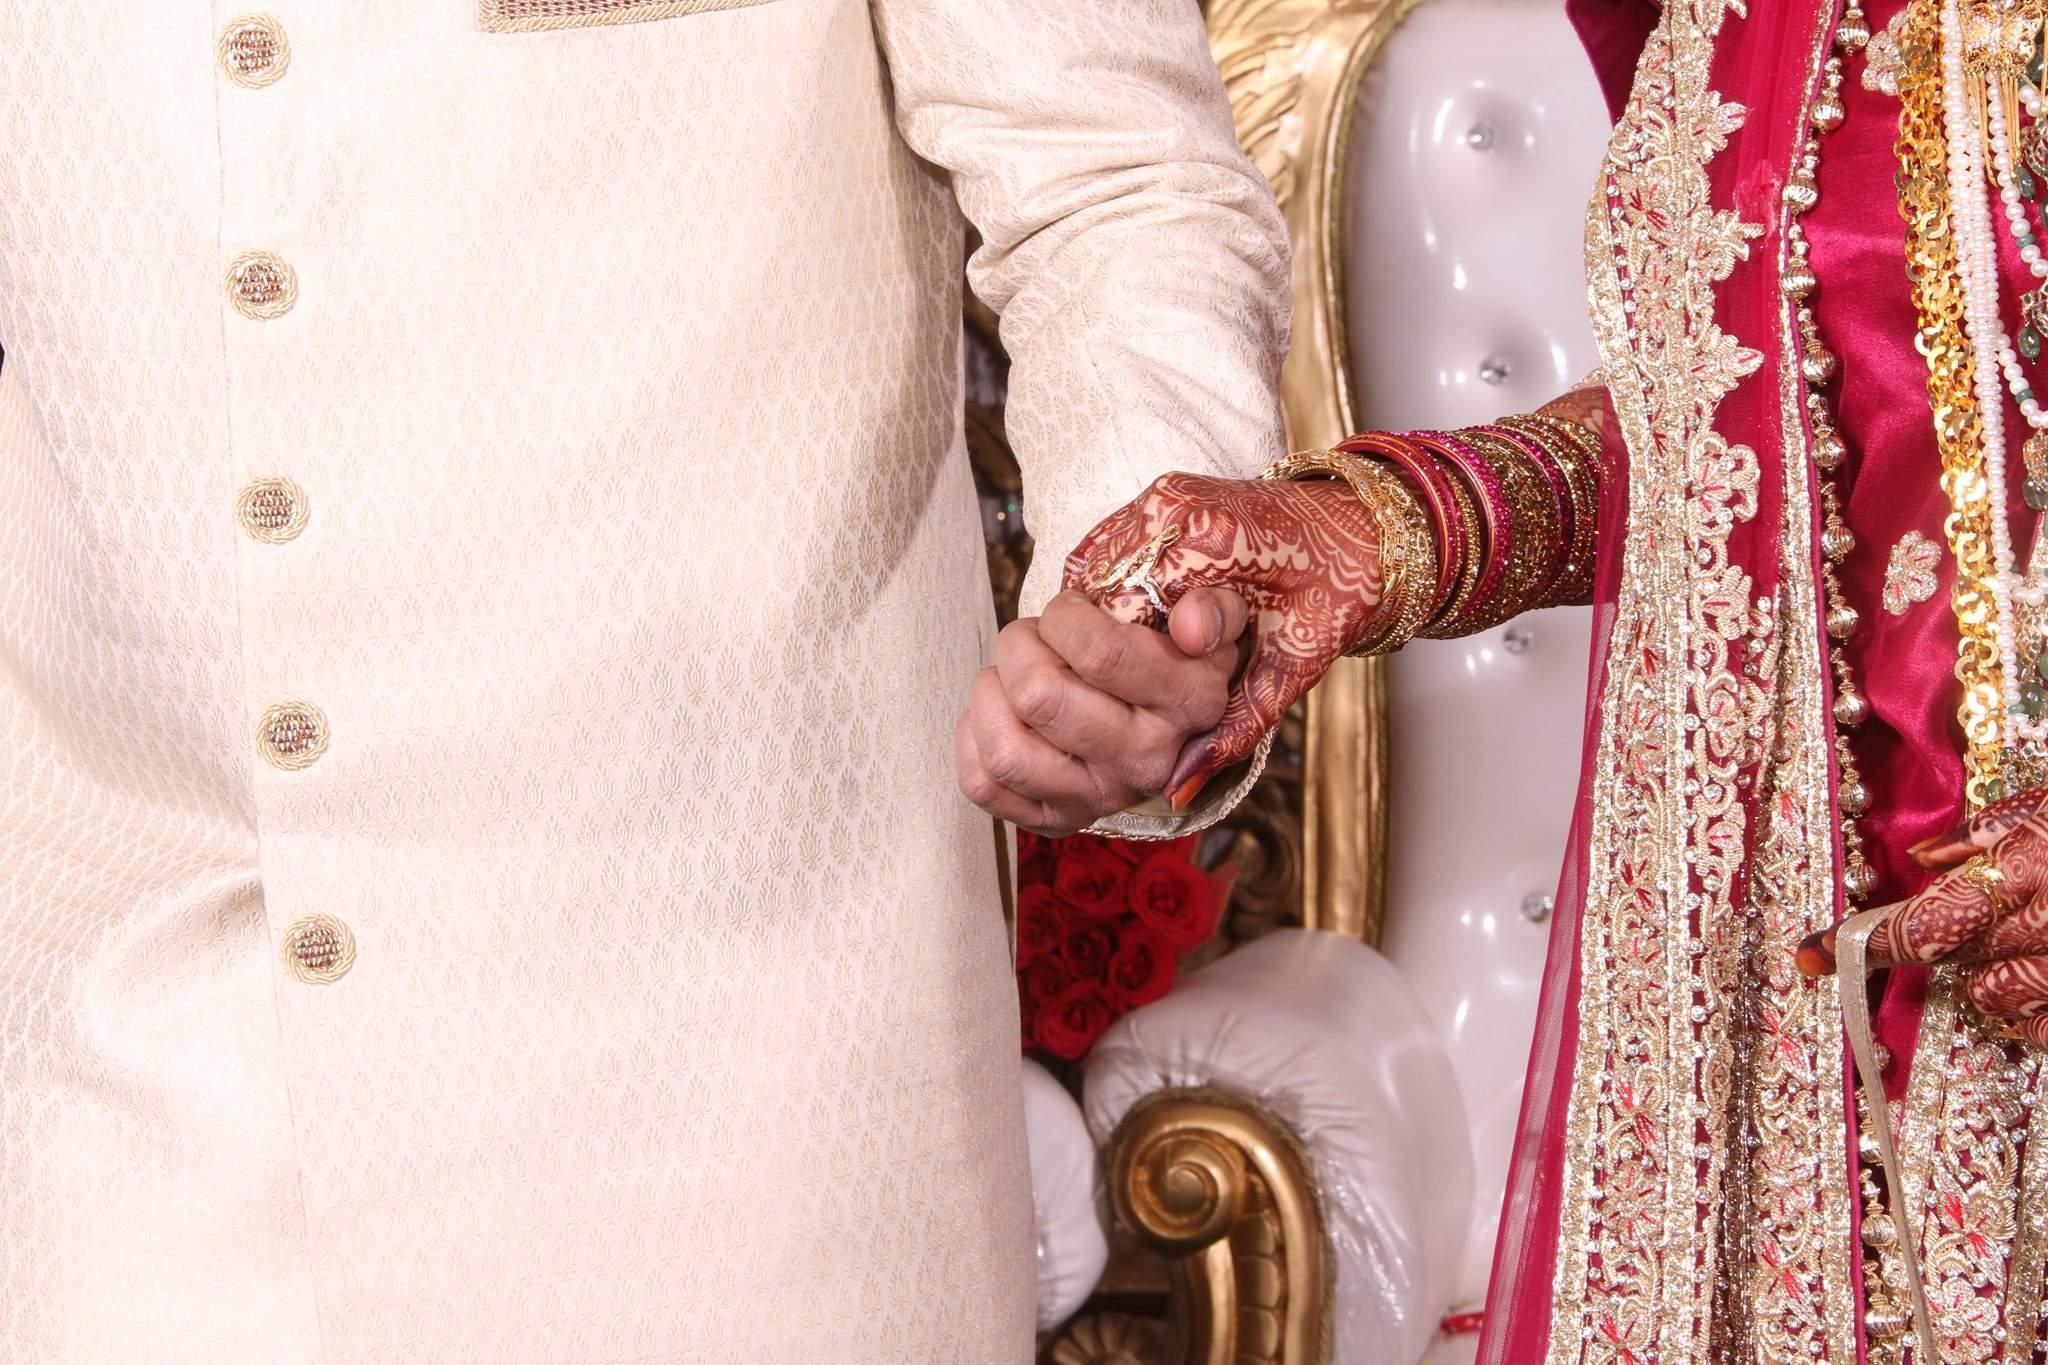 അധ്യാപകരുടെ പ്രണയ വിവാഹം; കുട്ടികളെ വഴിതെറ്റിക്കുമെന്നാരോപിച്ച് ജോലിയില് നിന്ന് പിരിച്ചുവിട്ടു